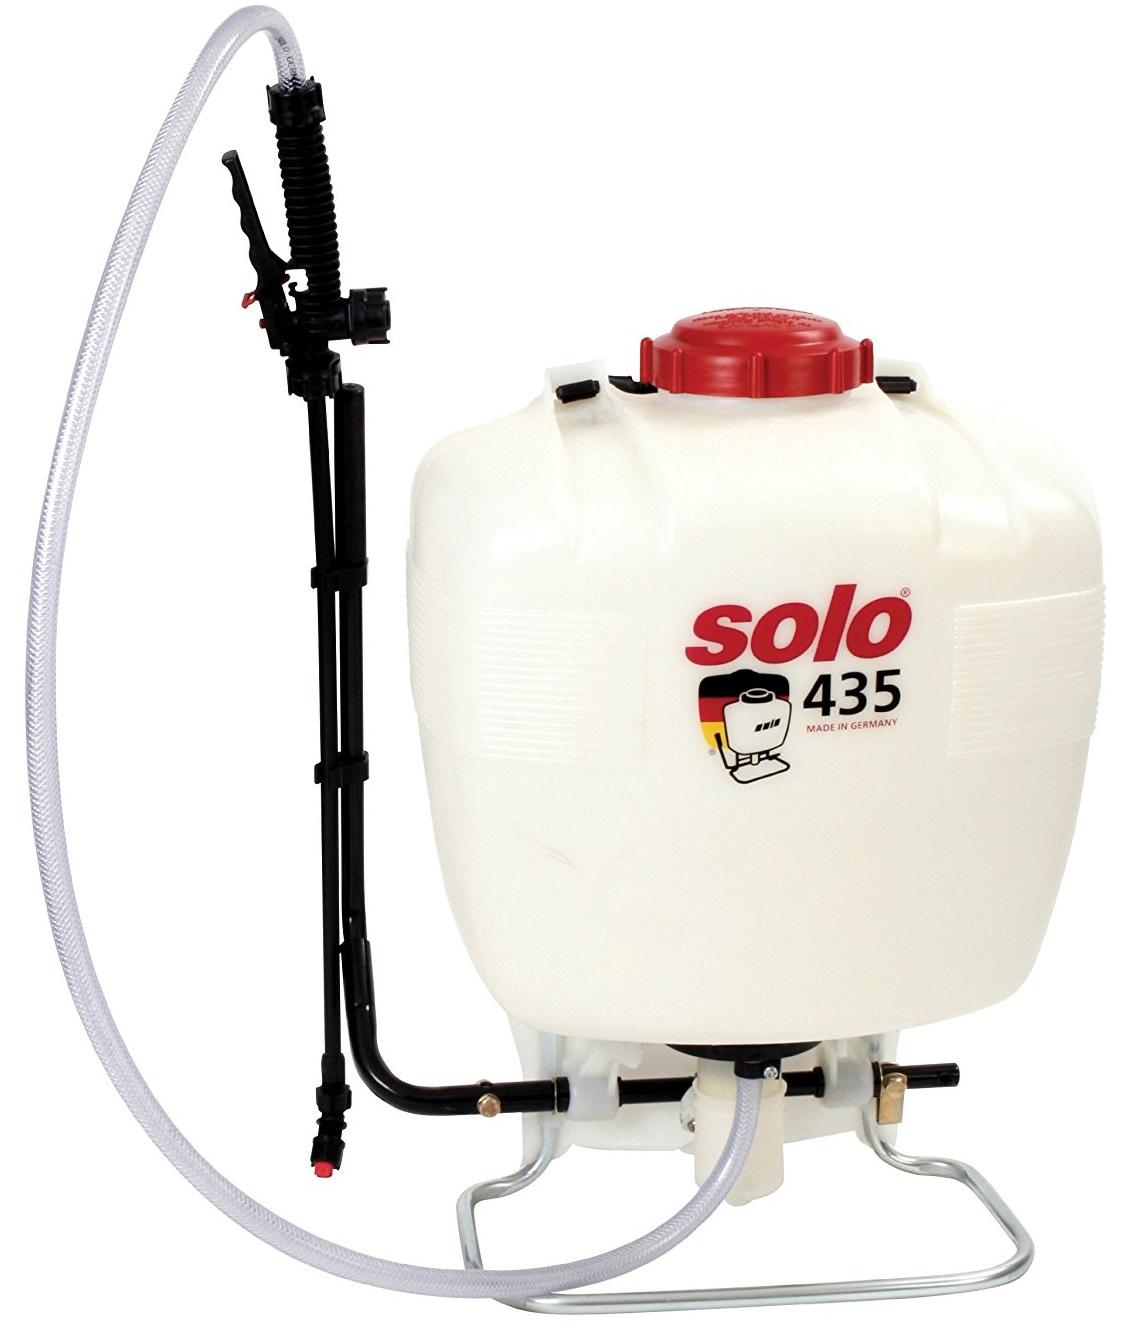 Verdon - Pompa de stropit Solo 435 Comfort